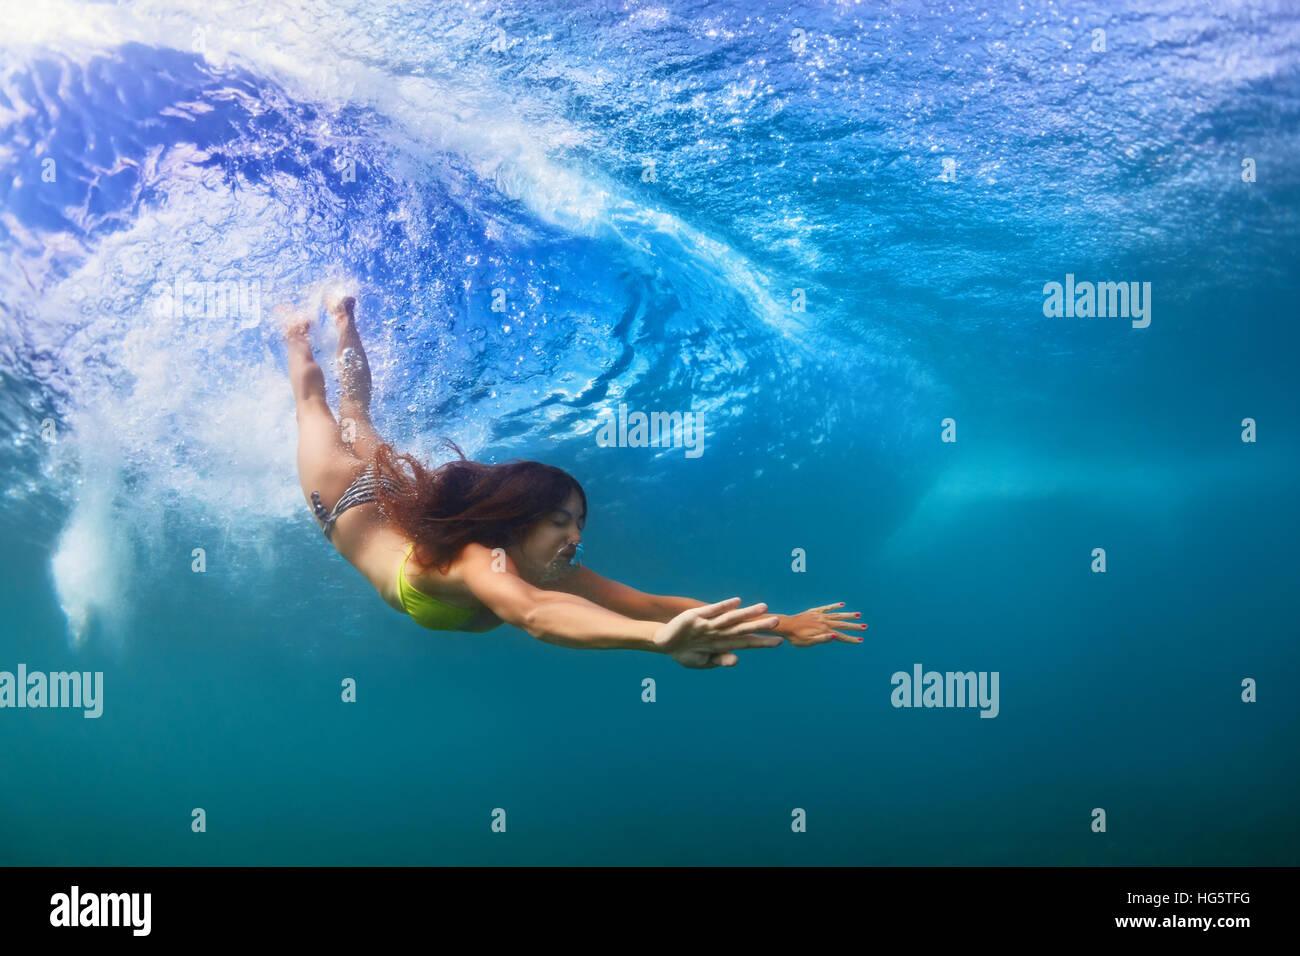 Jeune fille sportive en bikini en action. Fit woman nager sous l'eau, plonger sous la houle à l'effraction. Mode de vie sain. Sports nautiques, surf extrême Banque D'Images